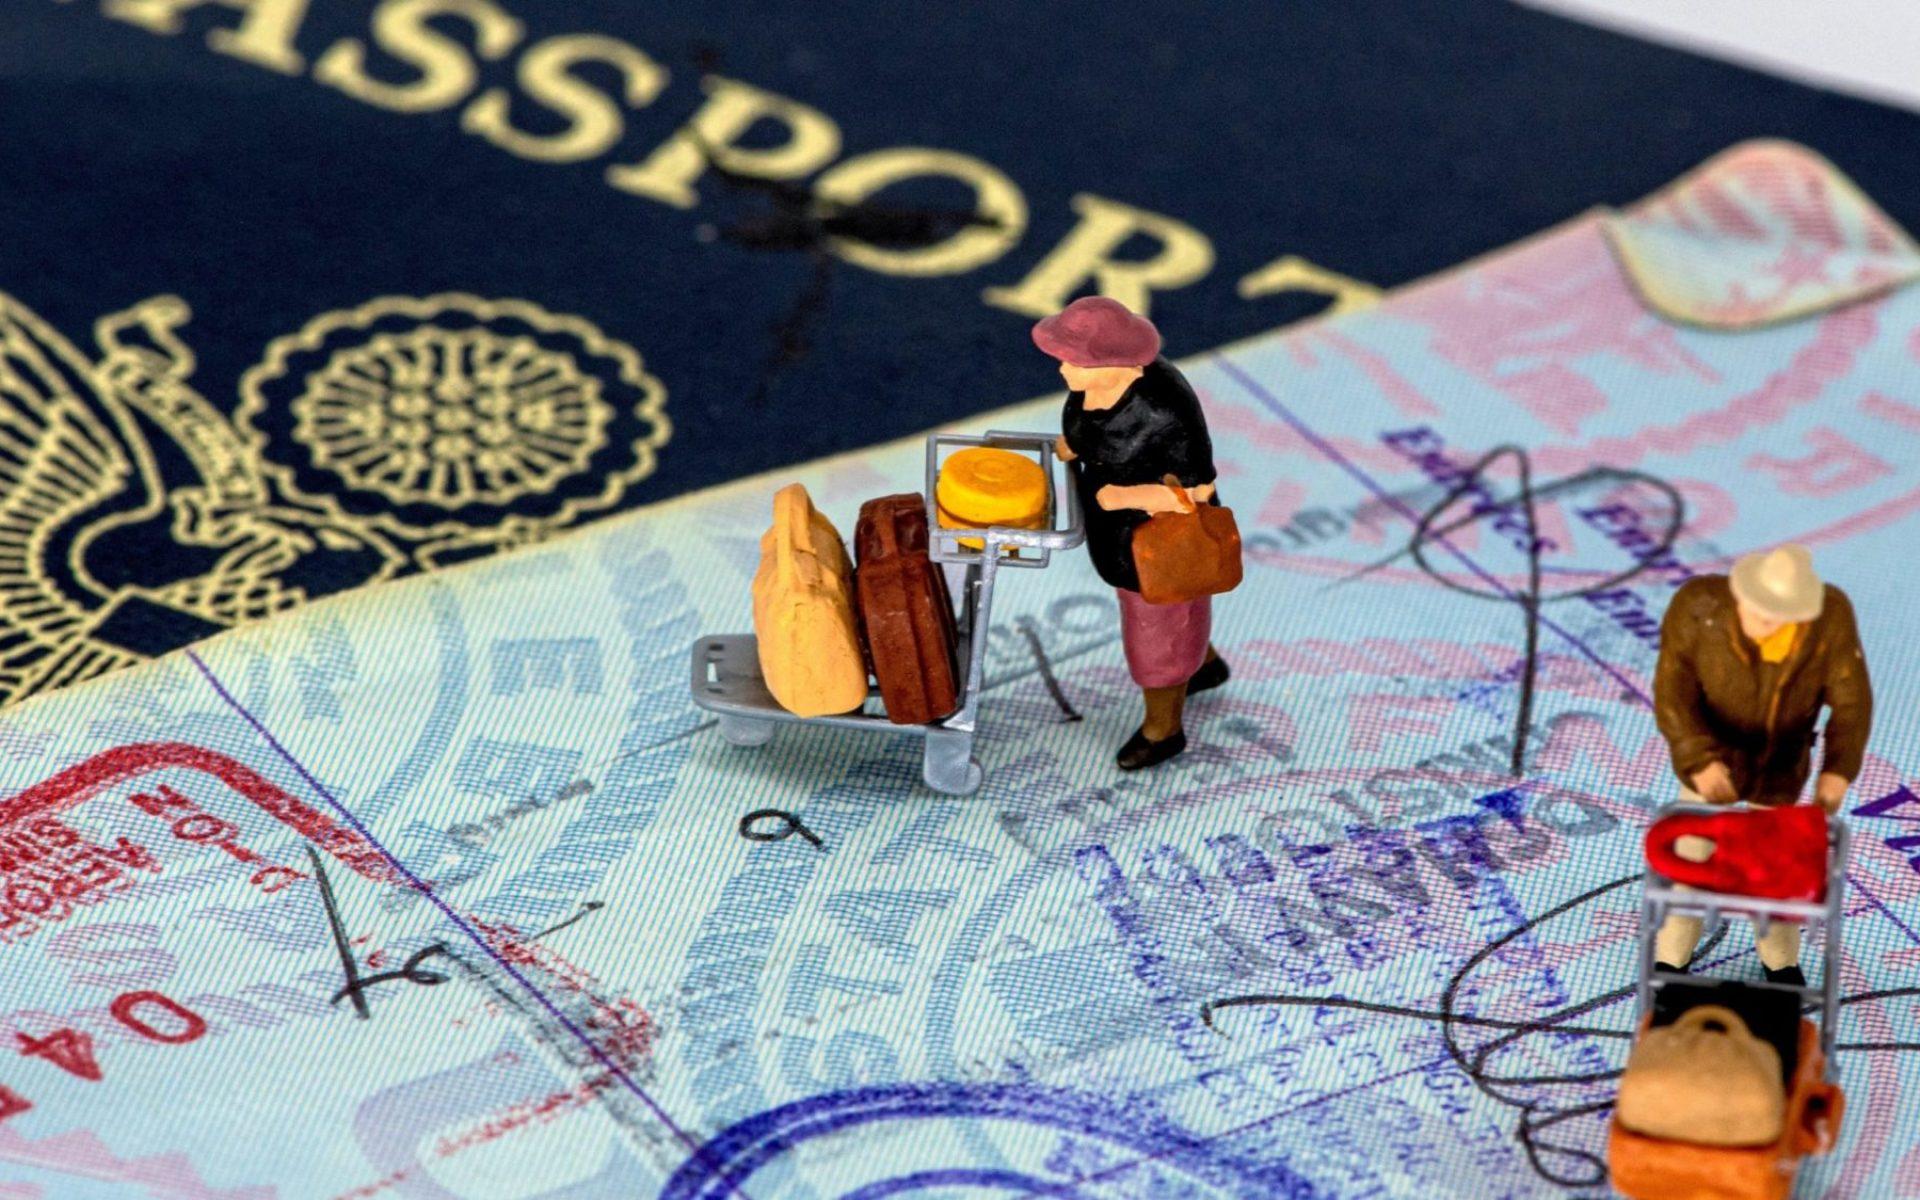 digital nomad residence permit visual